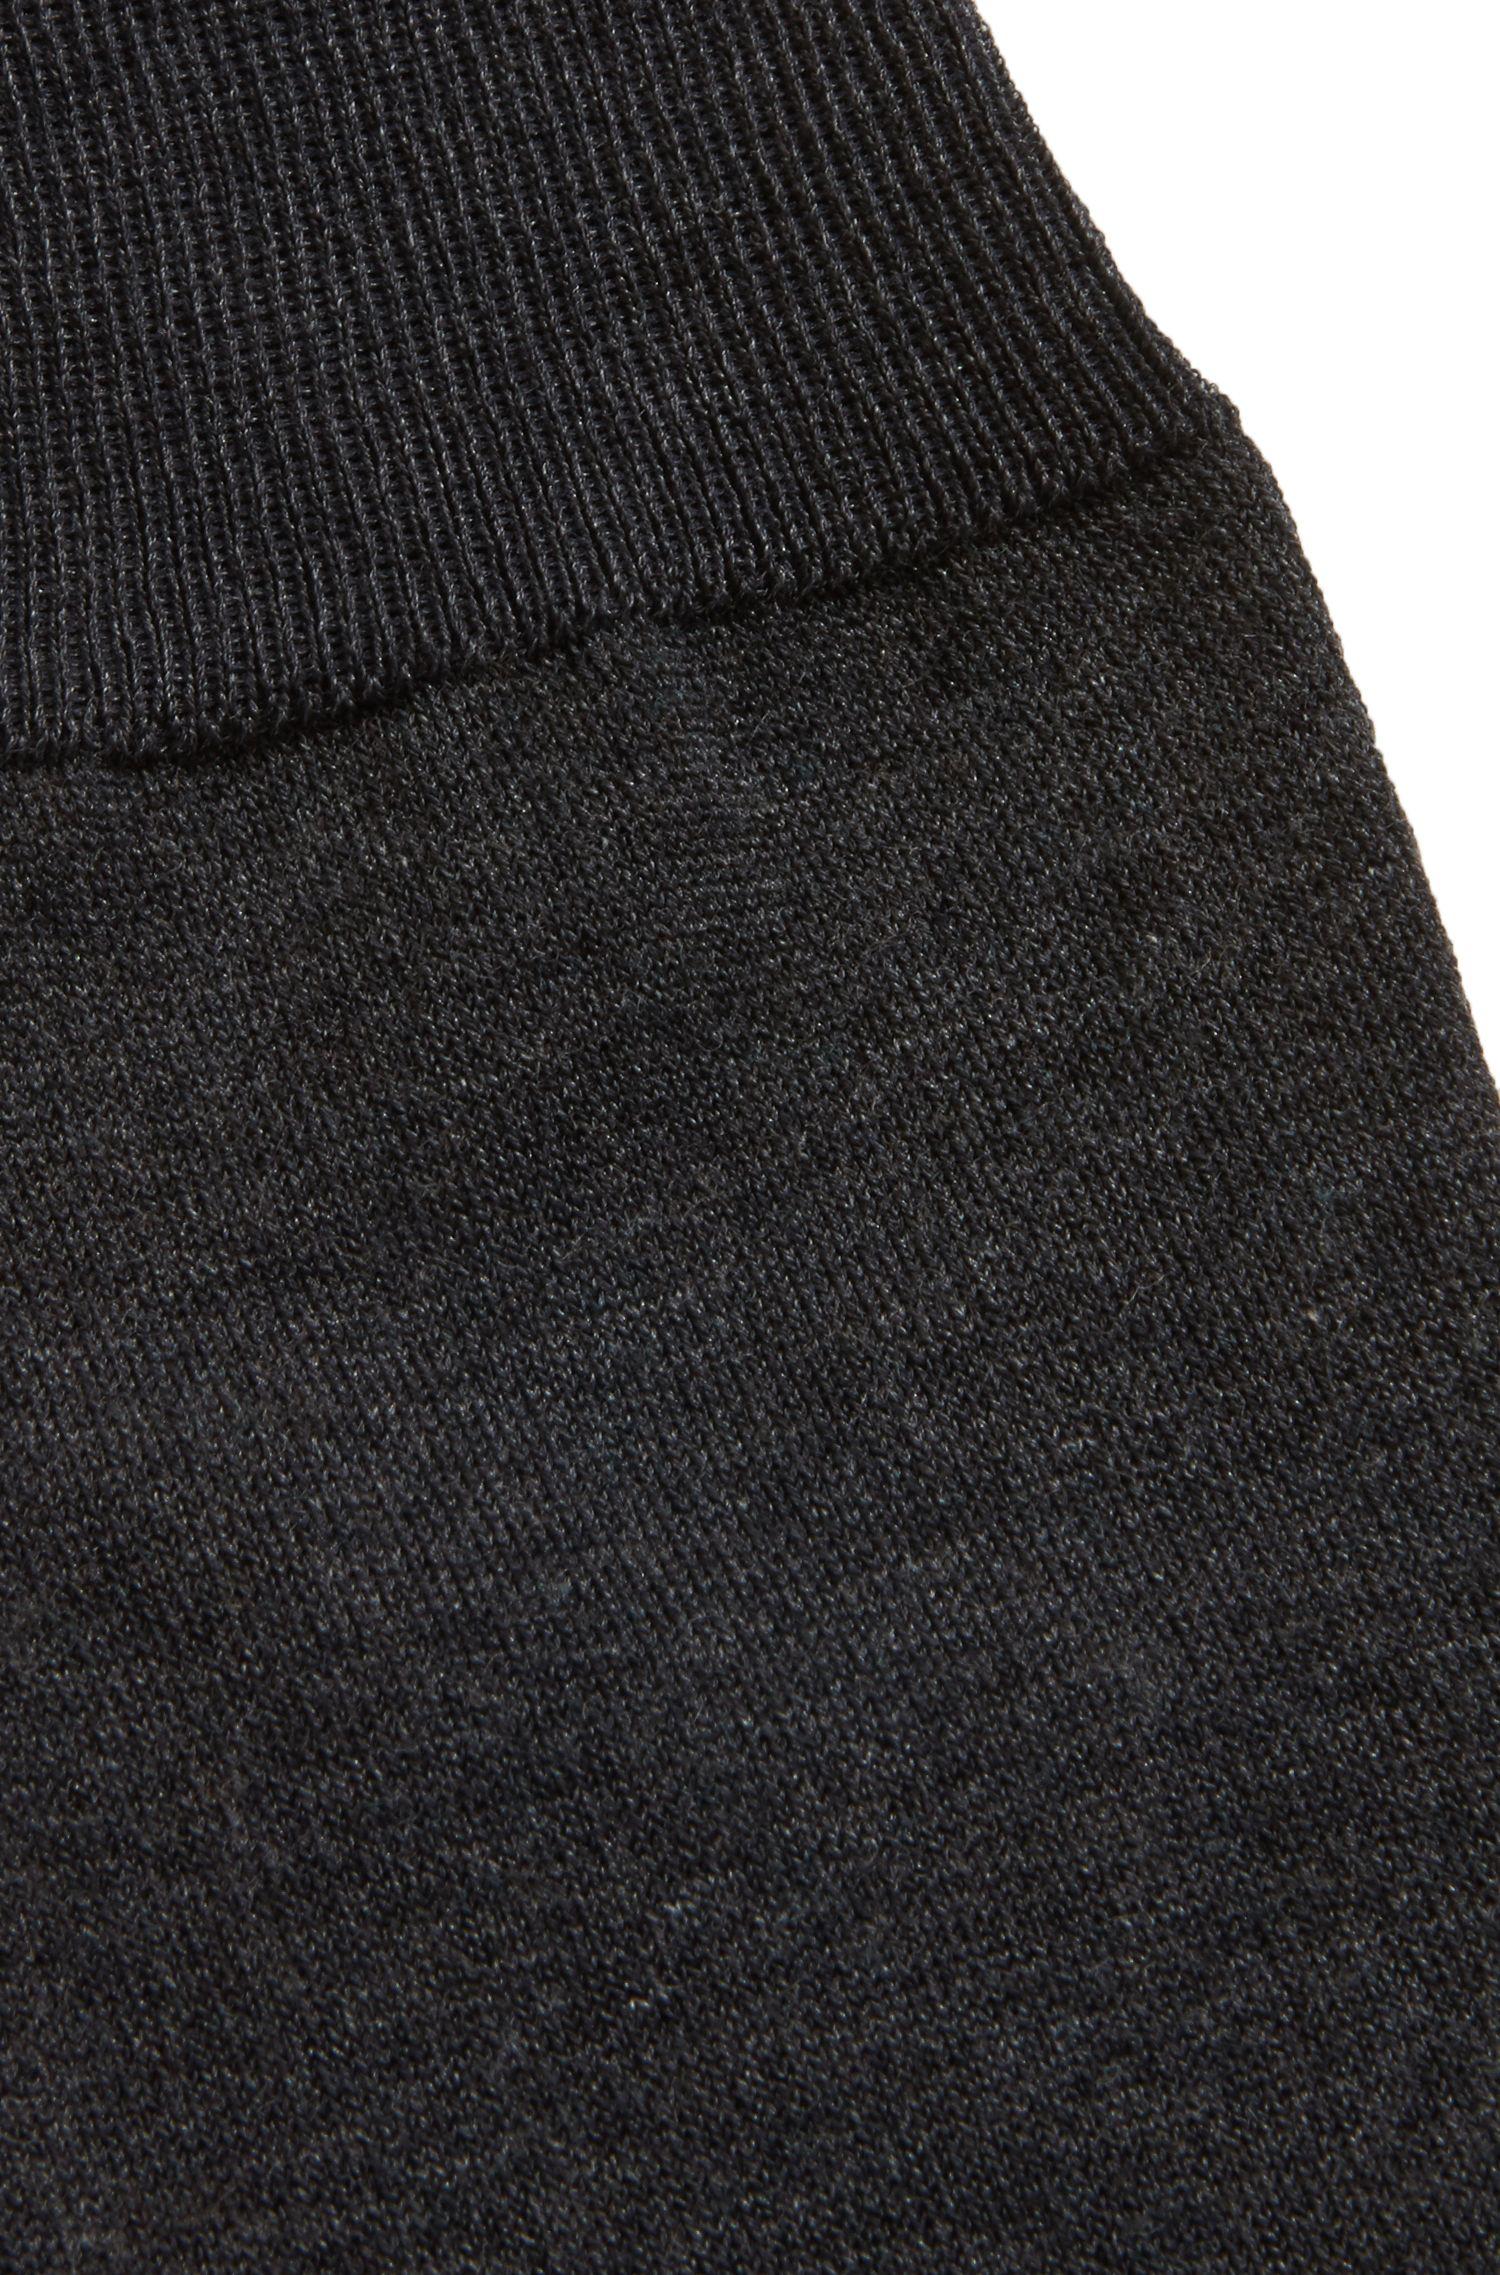 Knielange sokken van gemerceriseerde stretchkatoen, Antraciet